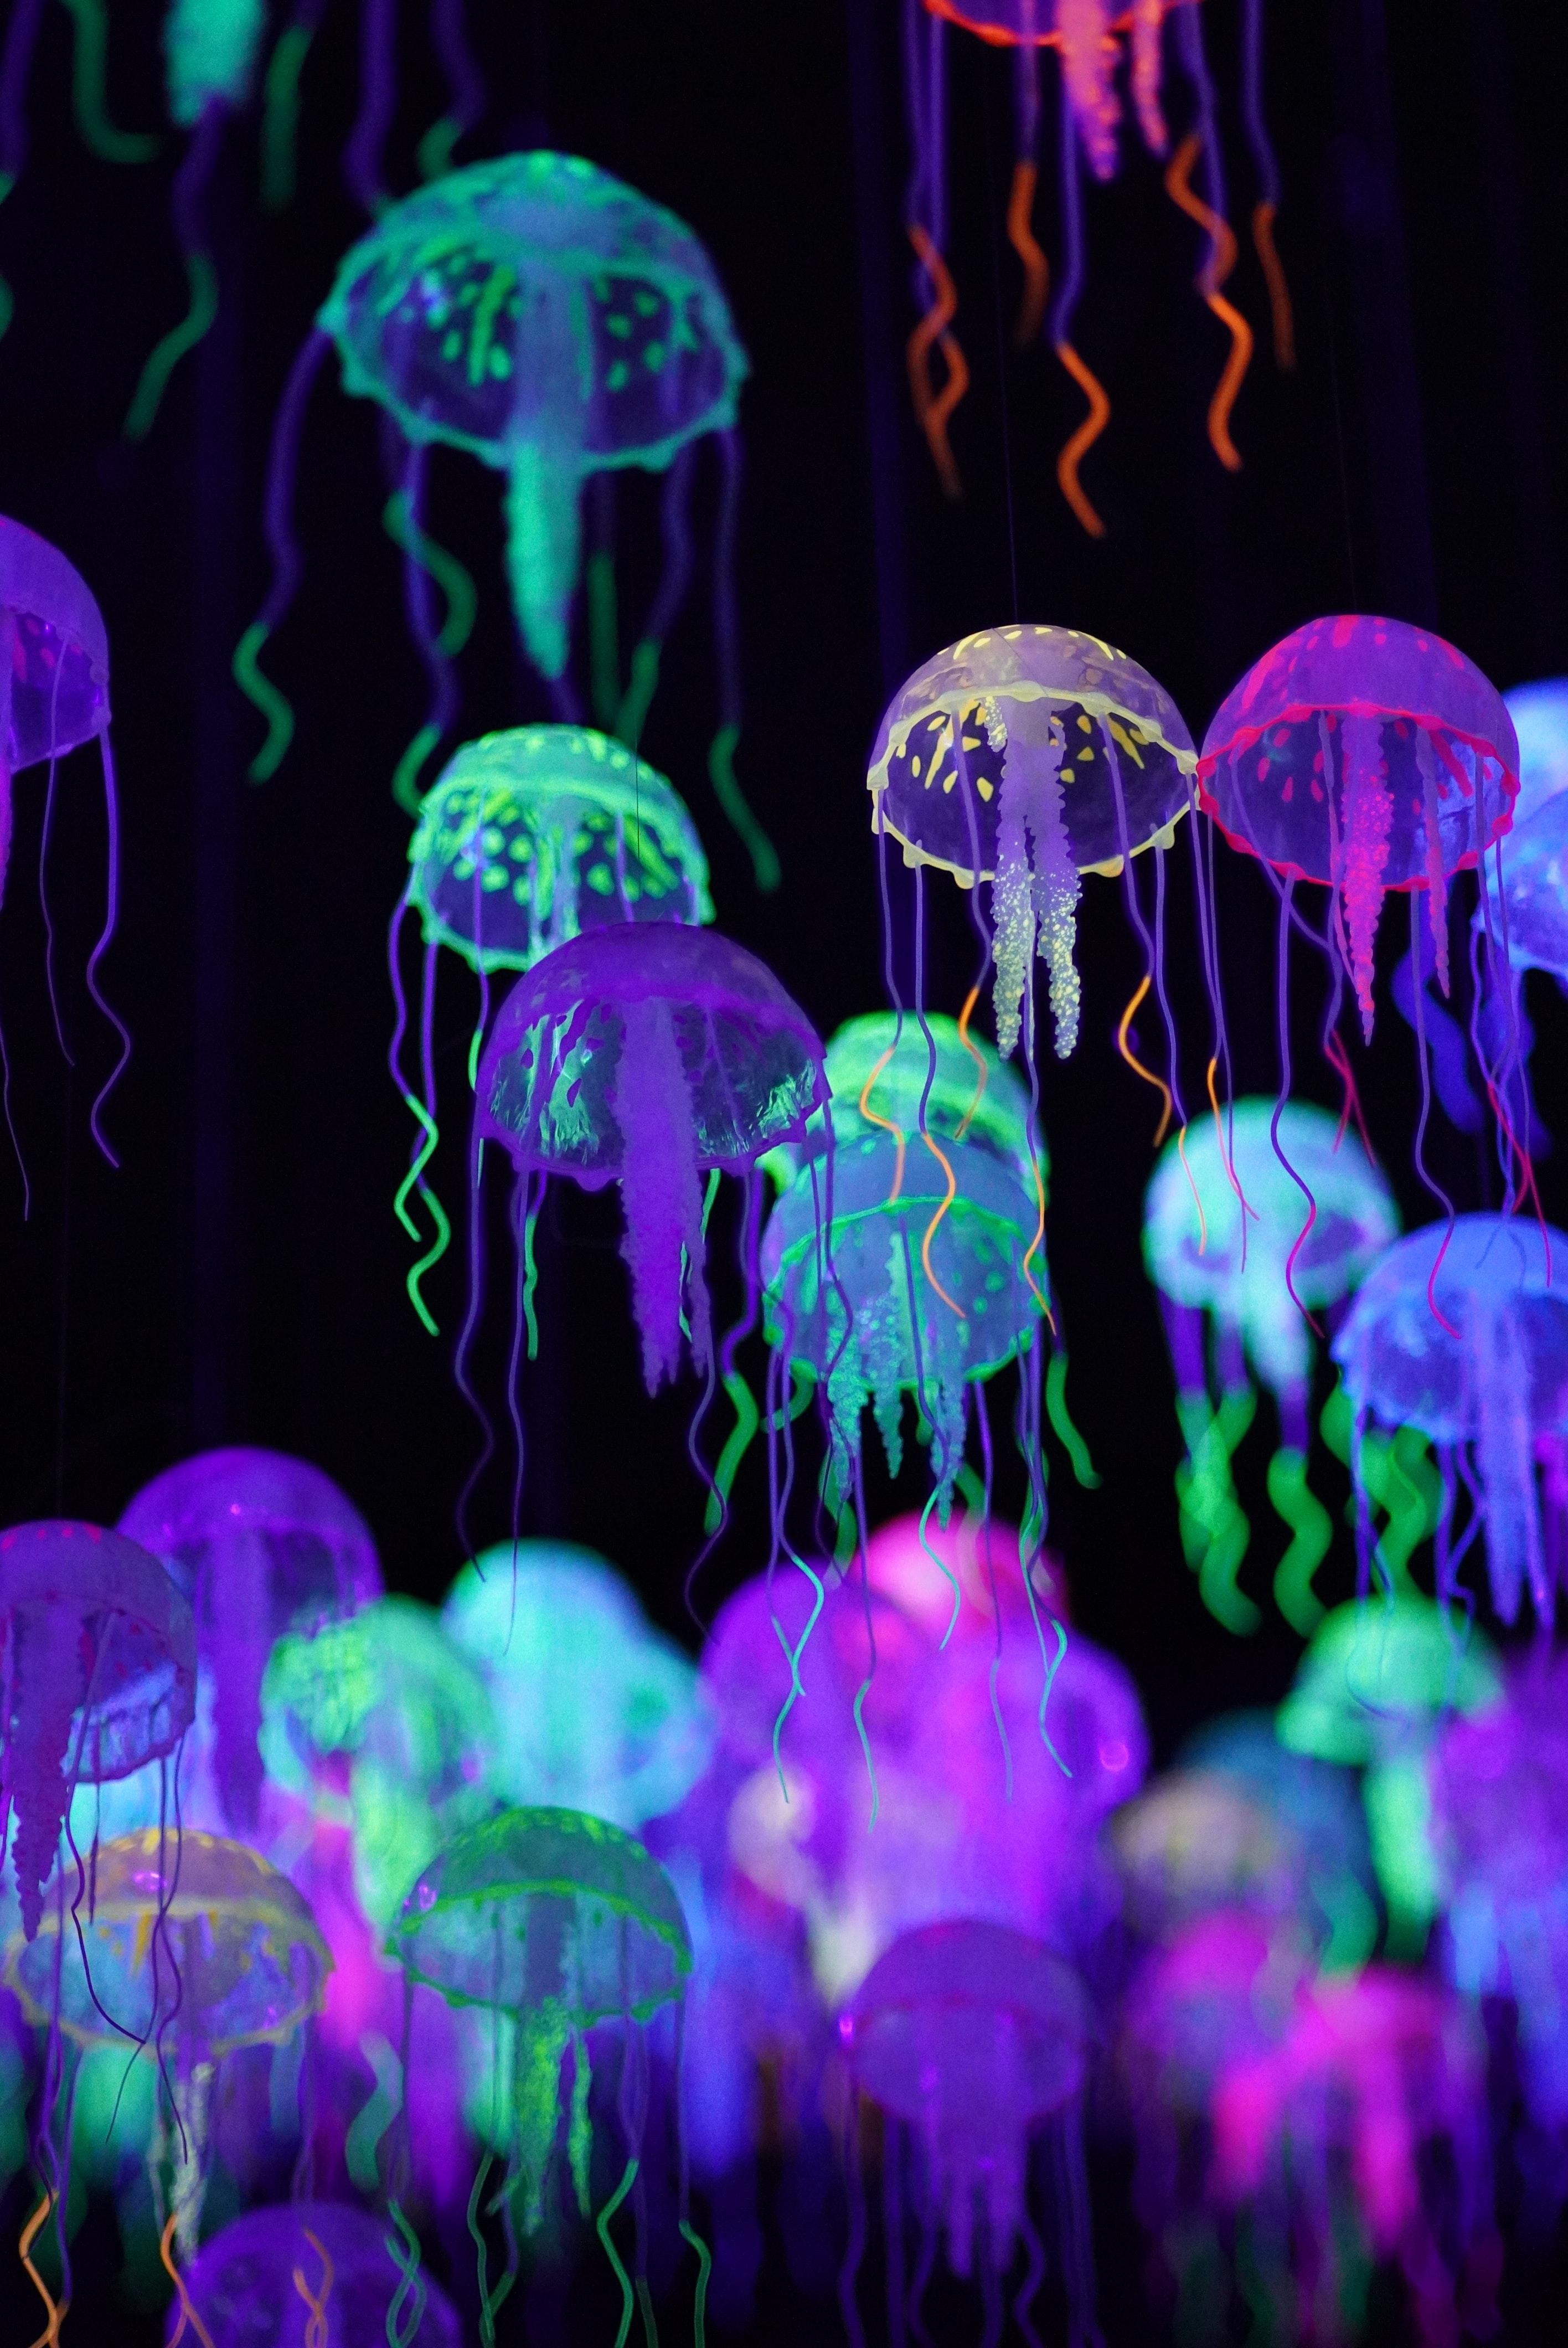 128945 скачать обои Разноцветный, Животные, Медузы, Свечение, Люминесценция - заставки и картинки бесплатно